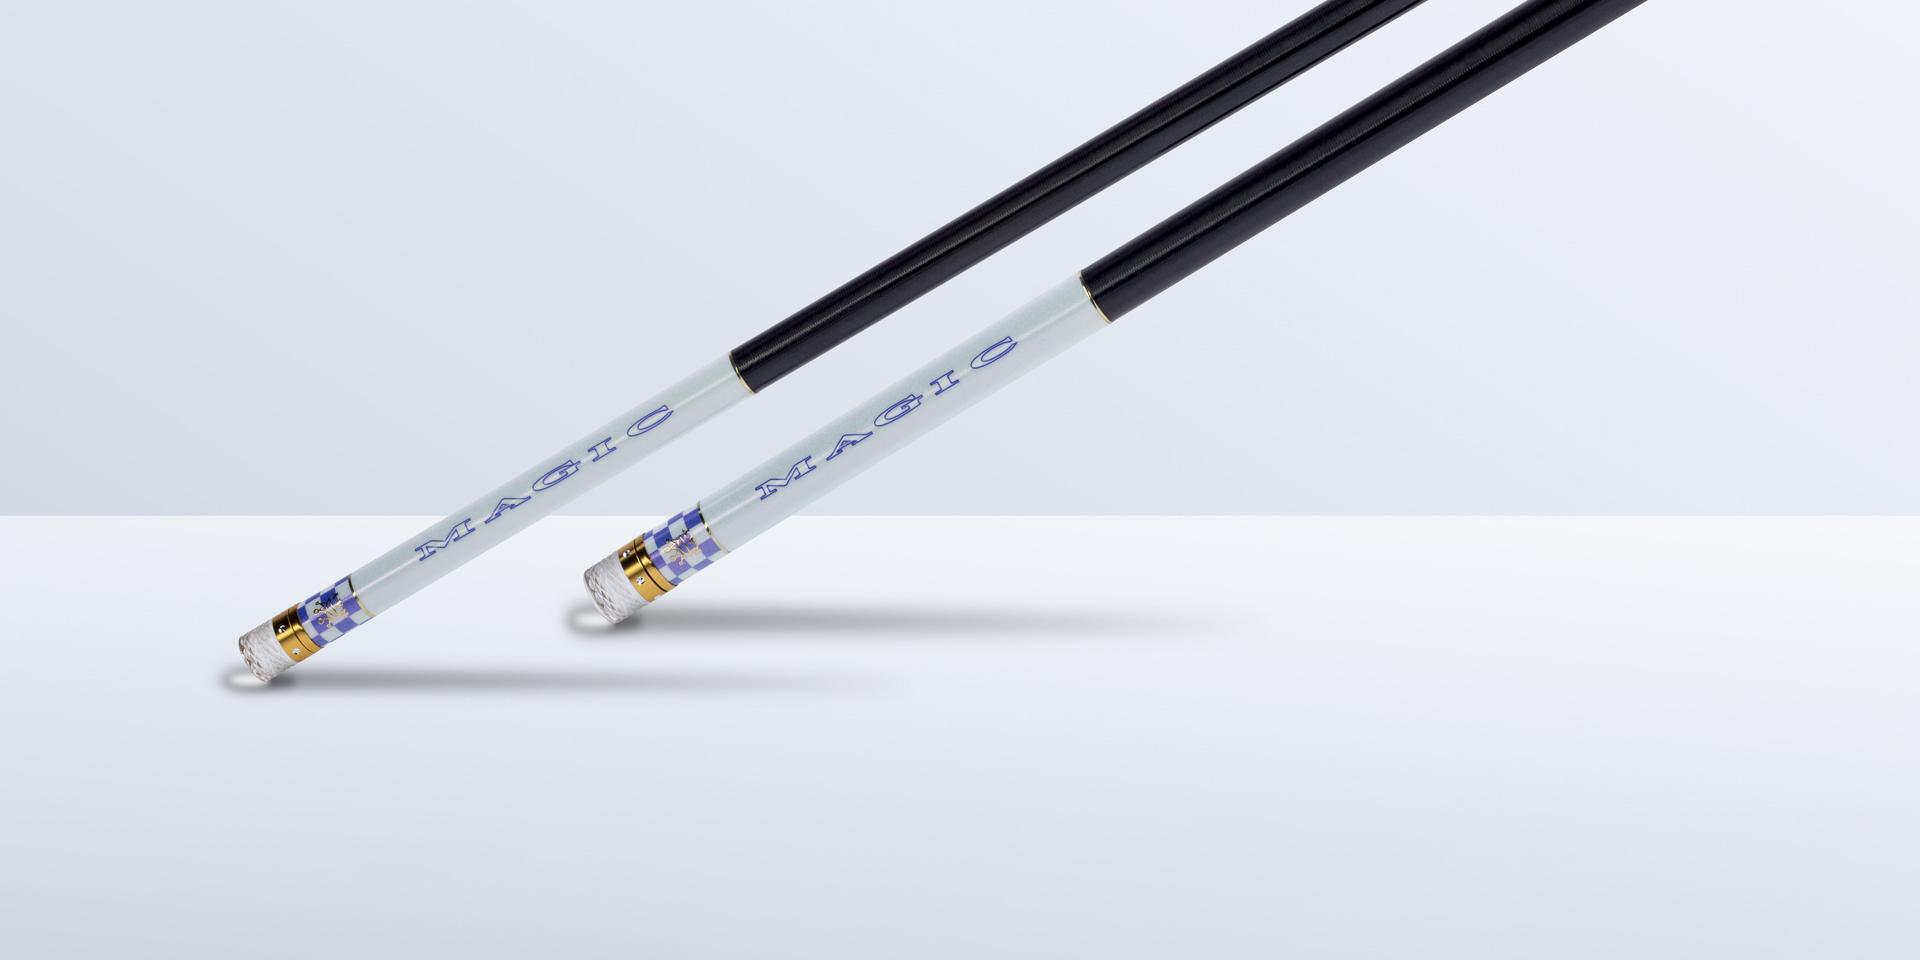 涂装采用了鸢尾花的蓝色调Blue Iris ,给人一种淡淡的魔法色彩,与珍珠白色闪金格子相间搭配,稳重不失时尚。金色烫金logo标志,透视出传统与现代的自然韵致,尽显尊贵与时尚。